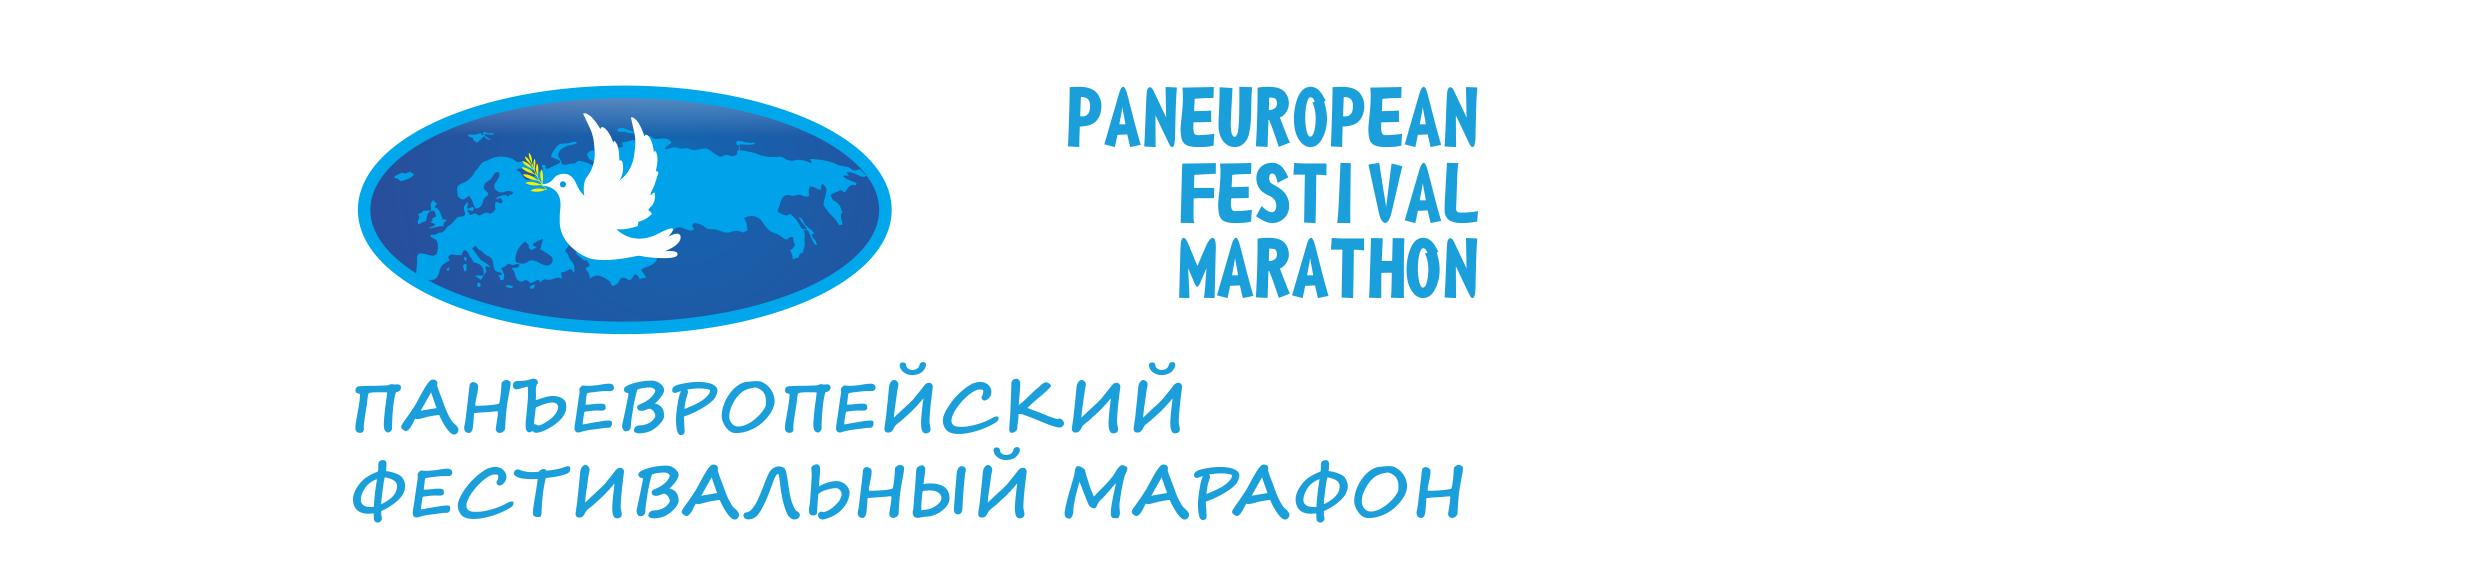 Панъевропейский Фестивальный марафон